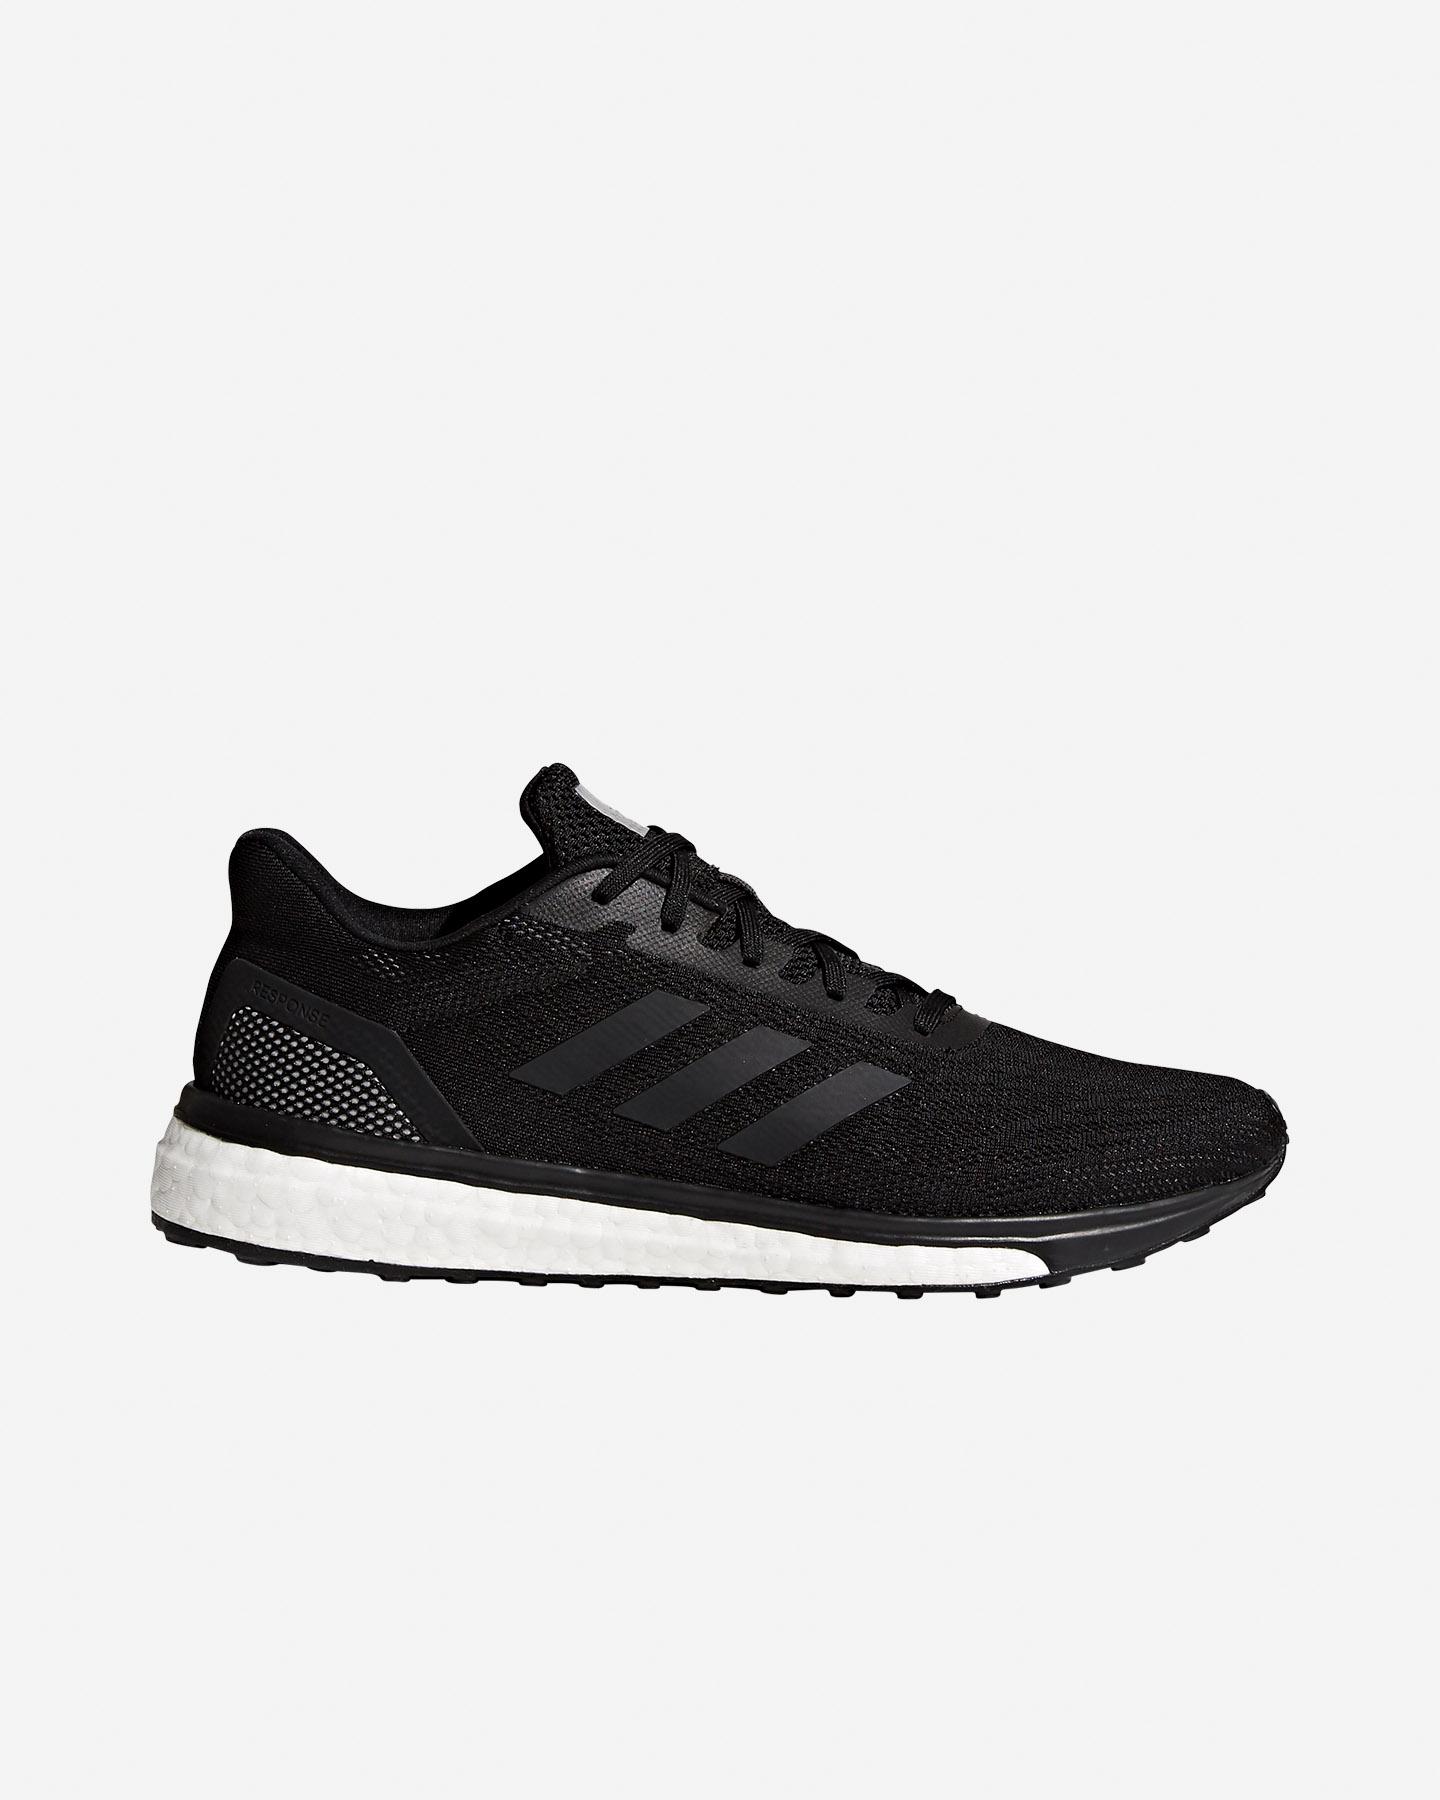 scarpe running adidas response